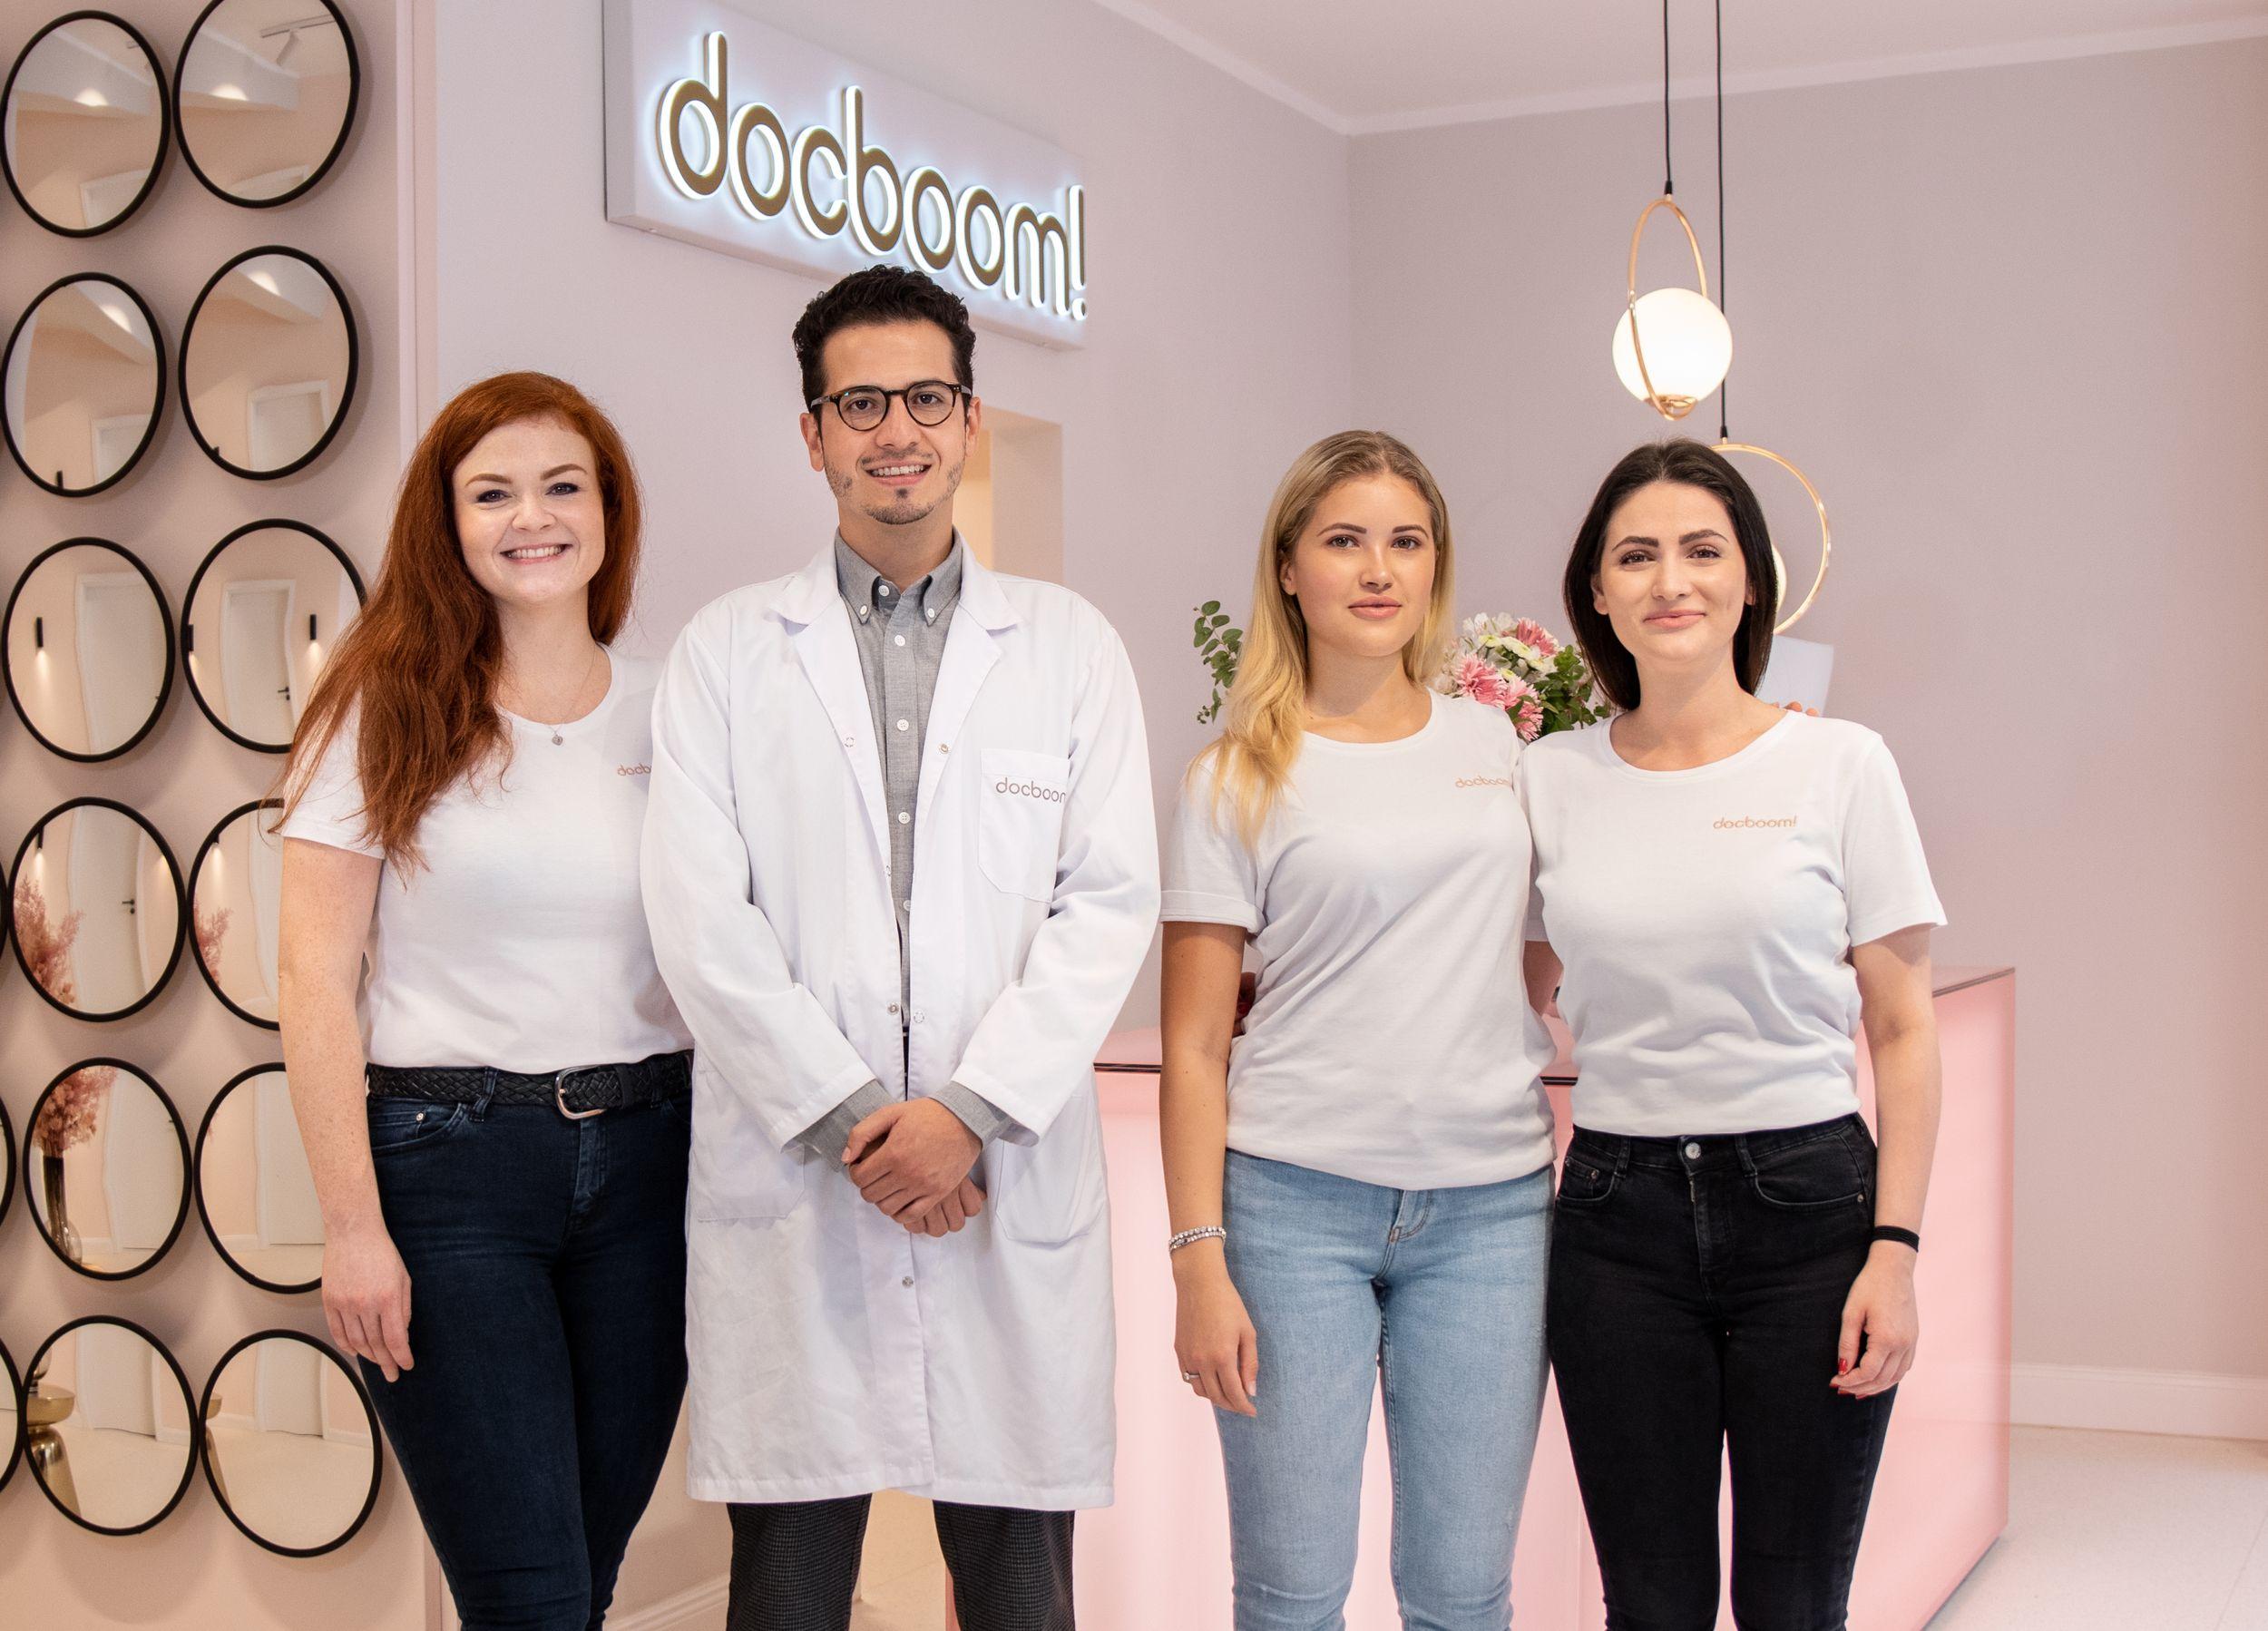 docboom-Team in Hamburg-Winterhude: Patrycja Plichta (Medical Skin Expert), Jorge Castañeda (M.D., Arzt für Ästhetische Medizin), Chiara Goffredo (Auszubildende), Tullia Geissler (Managerin)